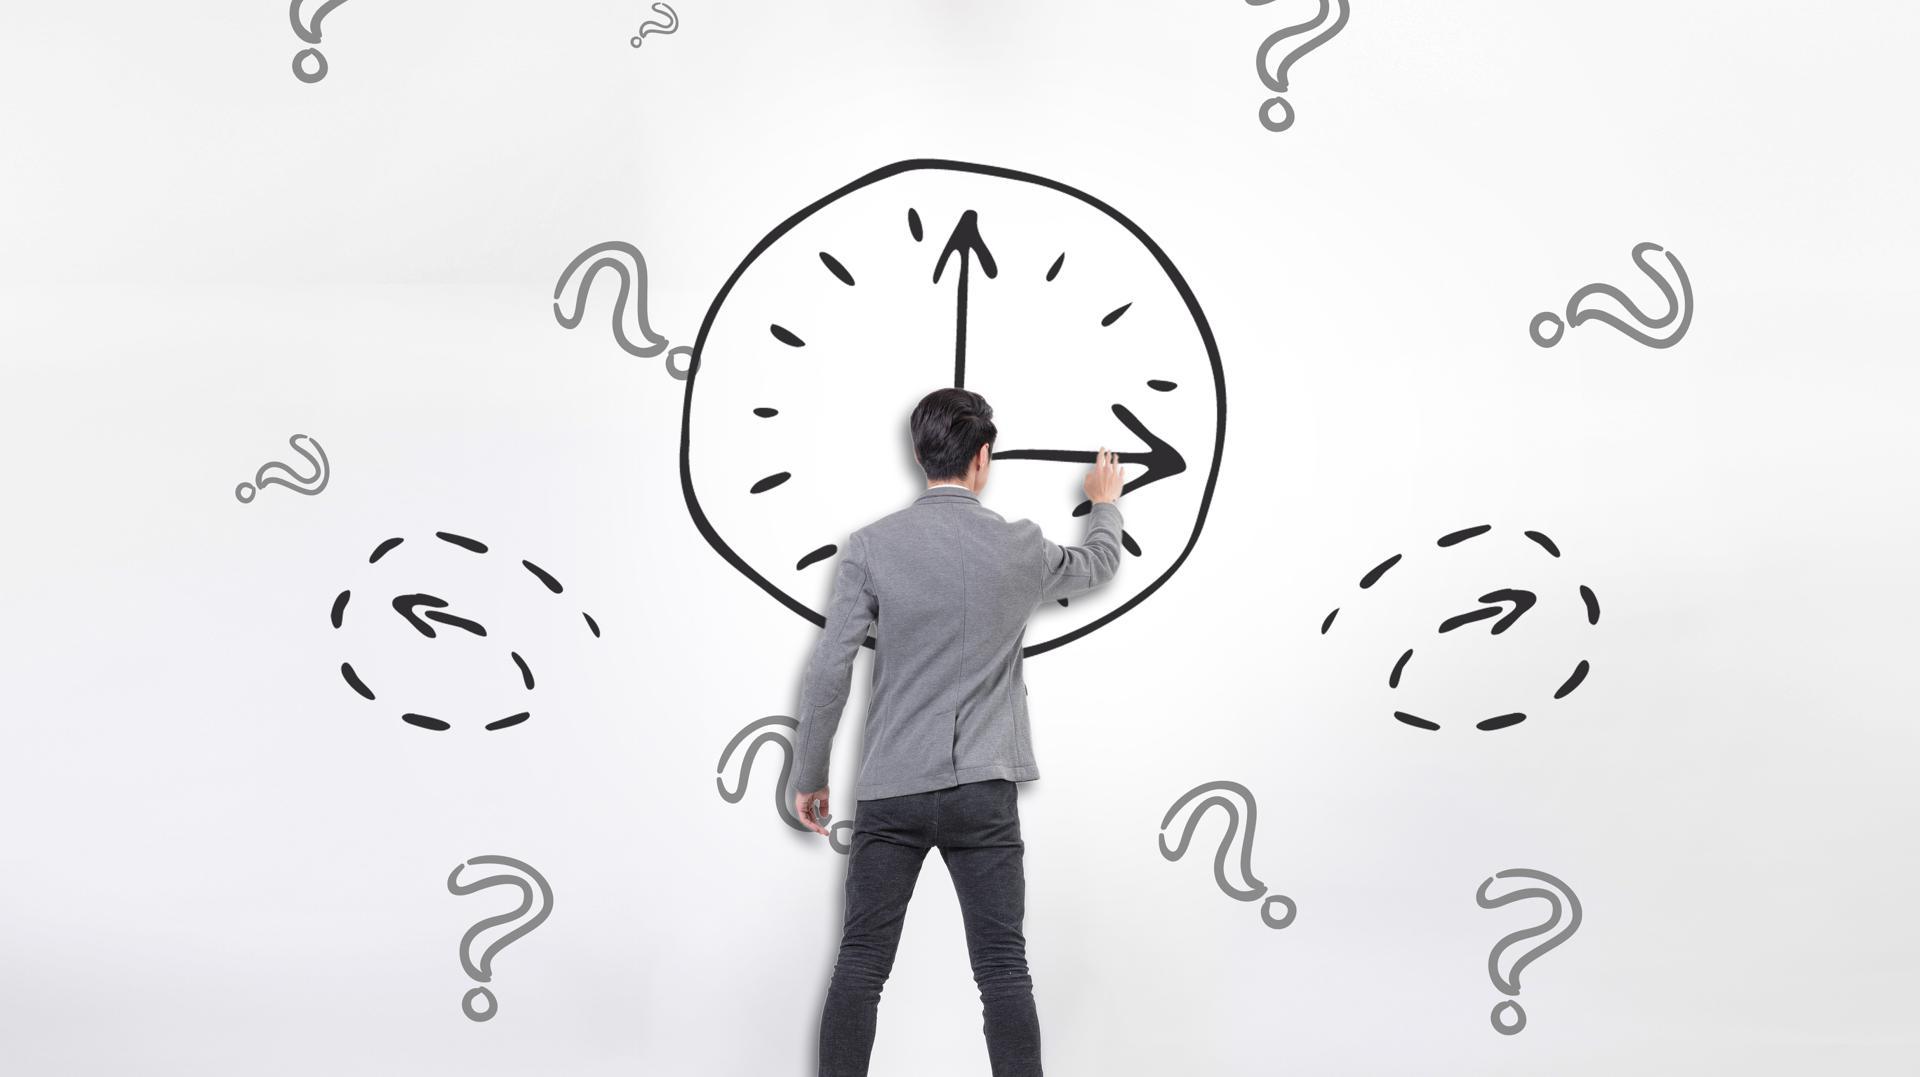 大学十字路口,考研与实习该如何决策和协调?